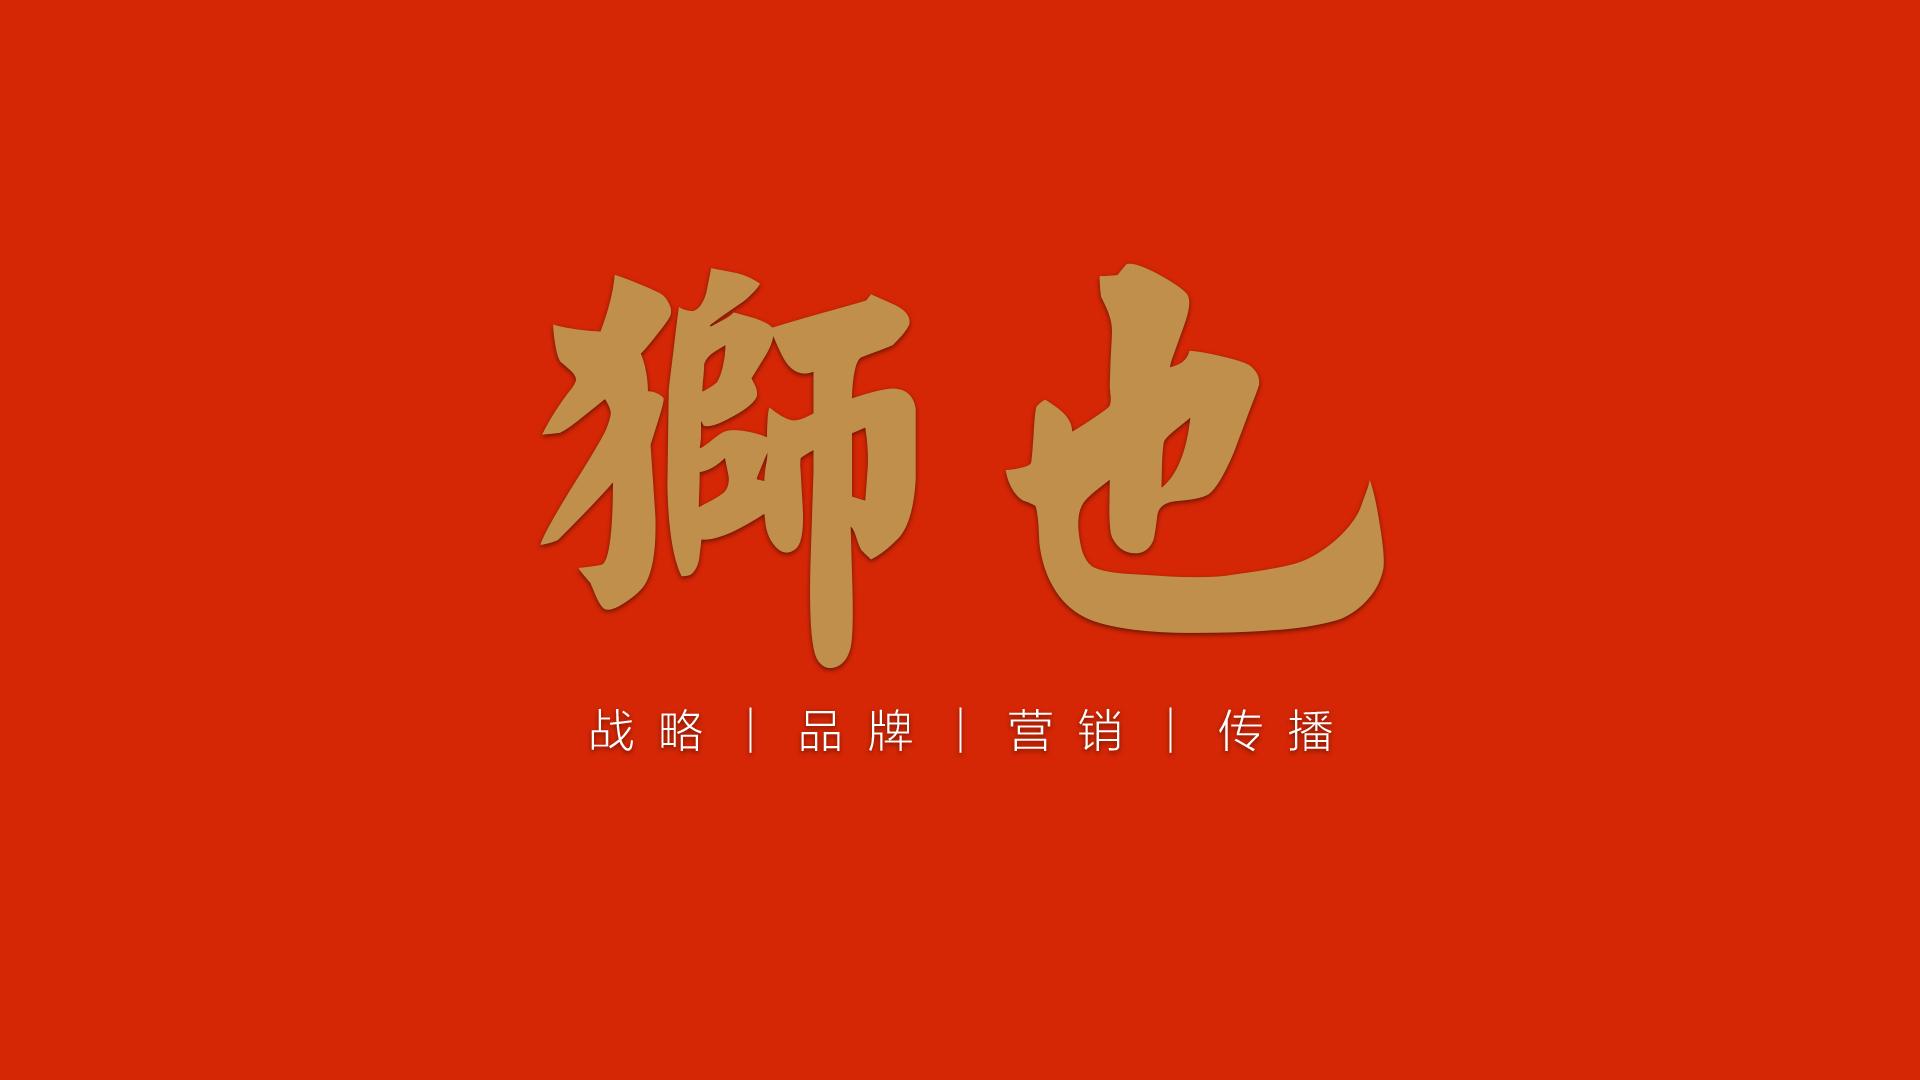 上海营销策划公司—2017年端午节营销活动创意分享